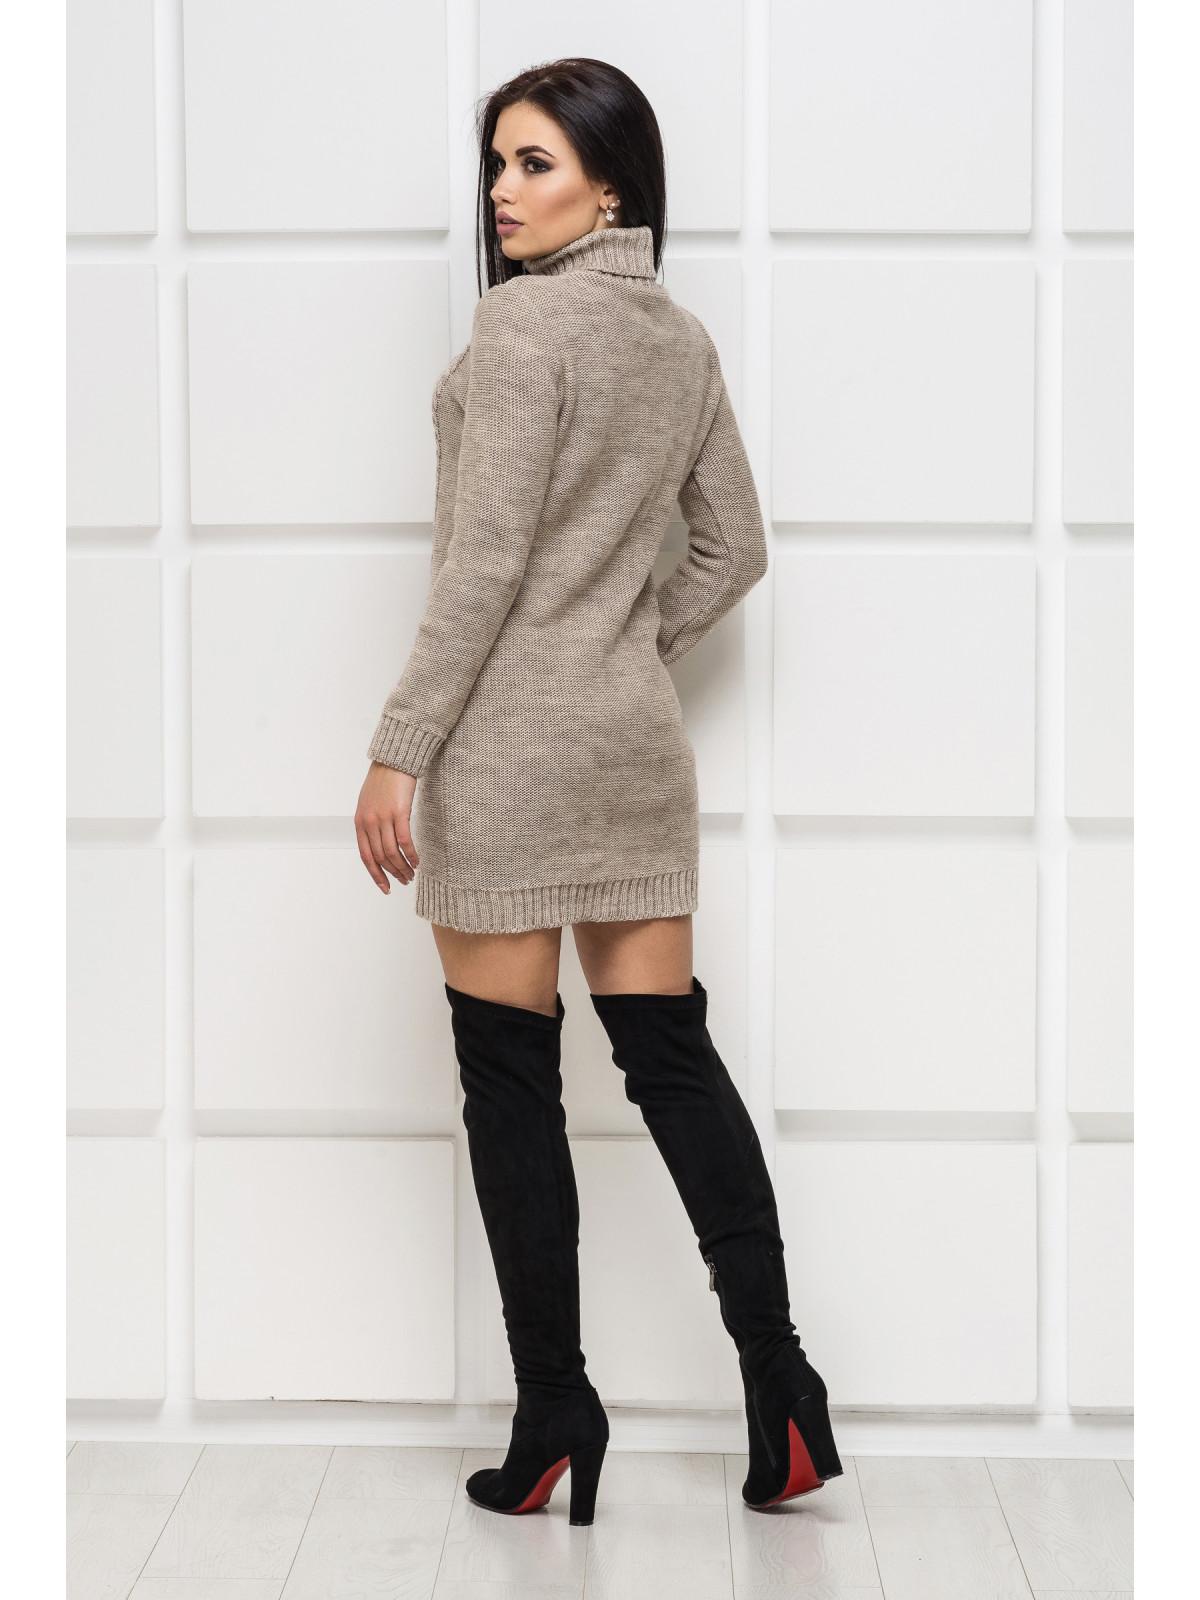 Платье вязаное Aleksa-1 бежевый